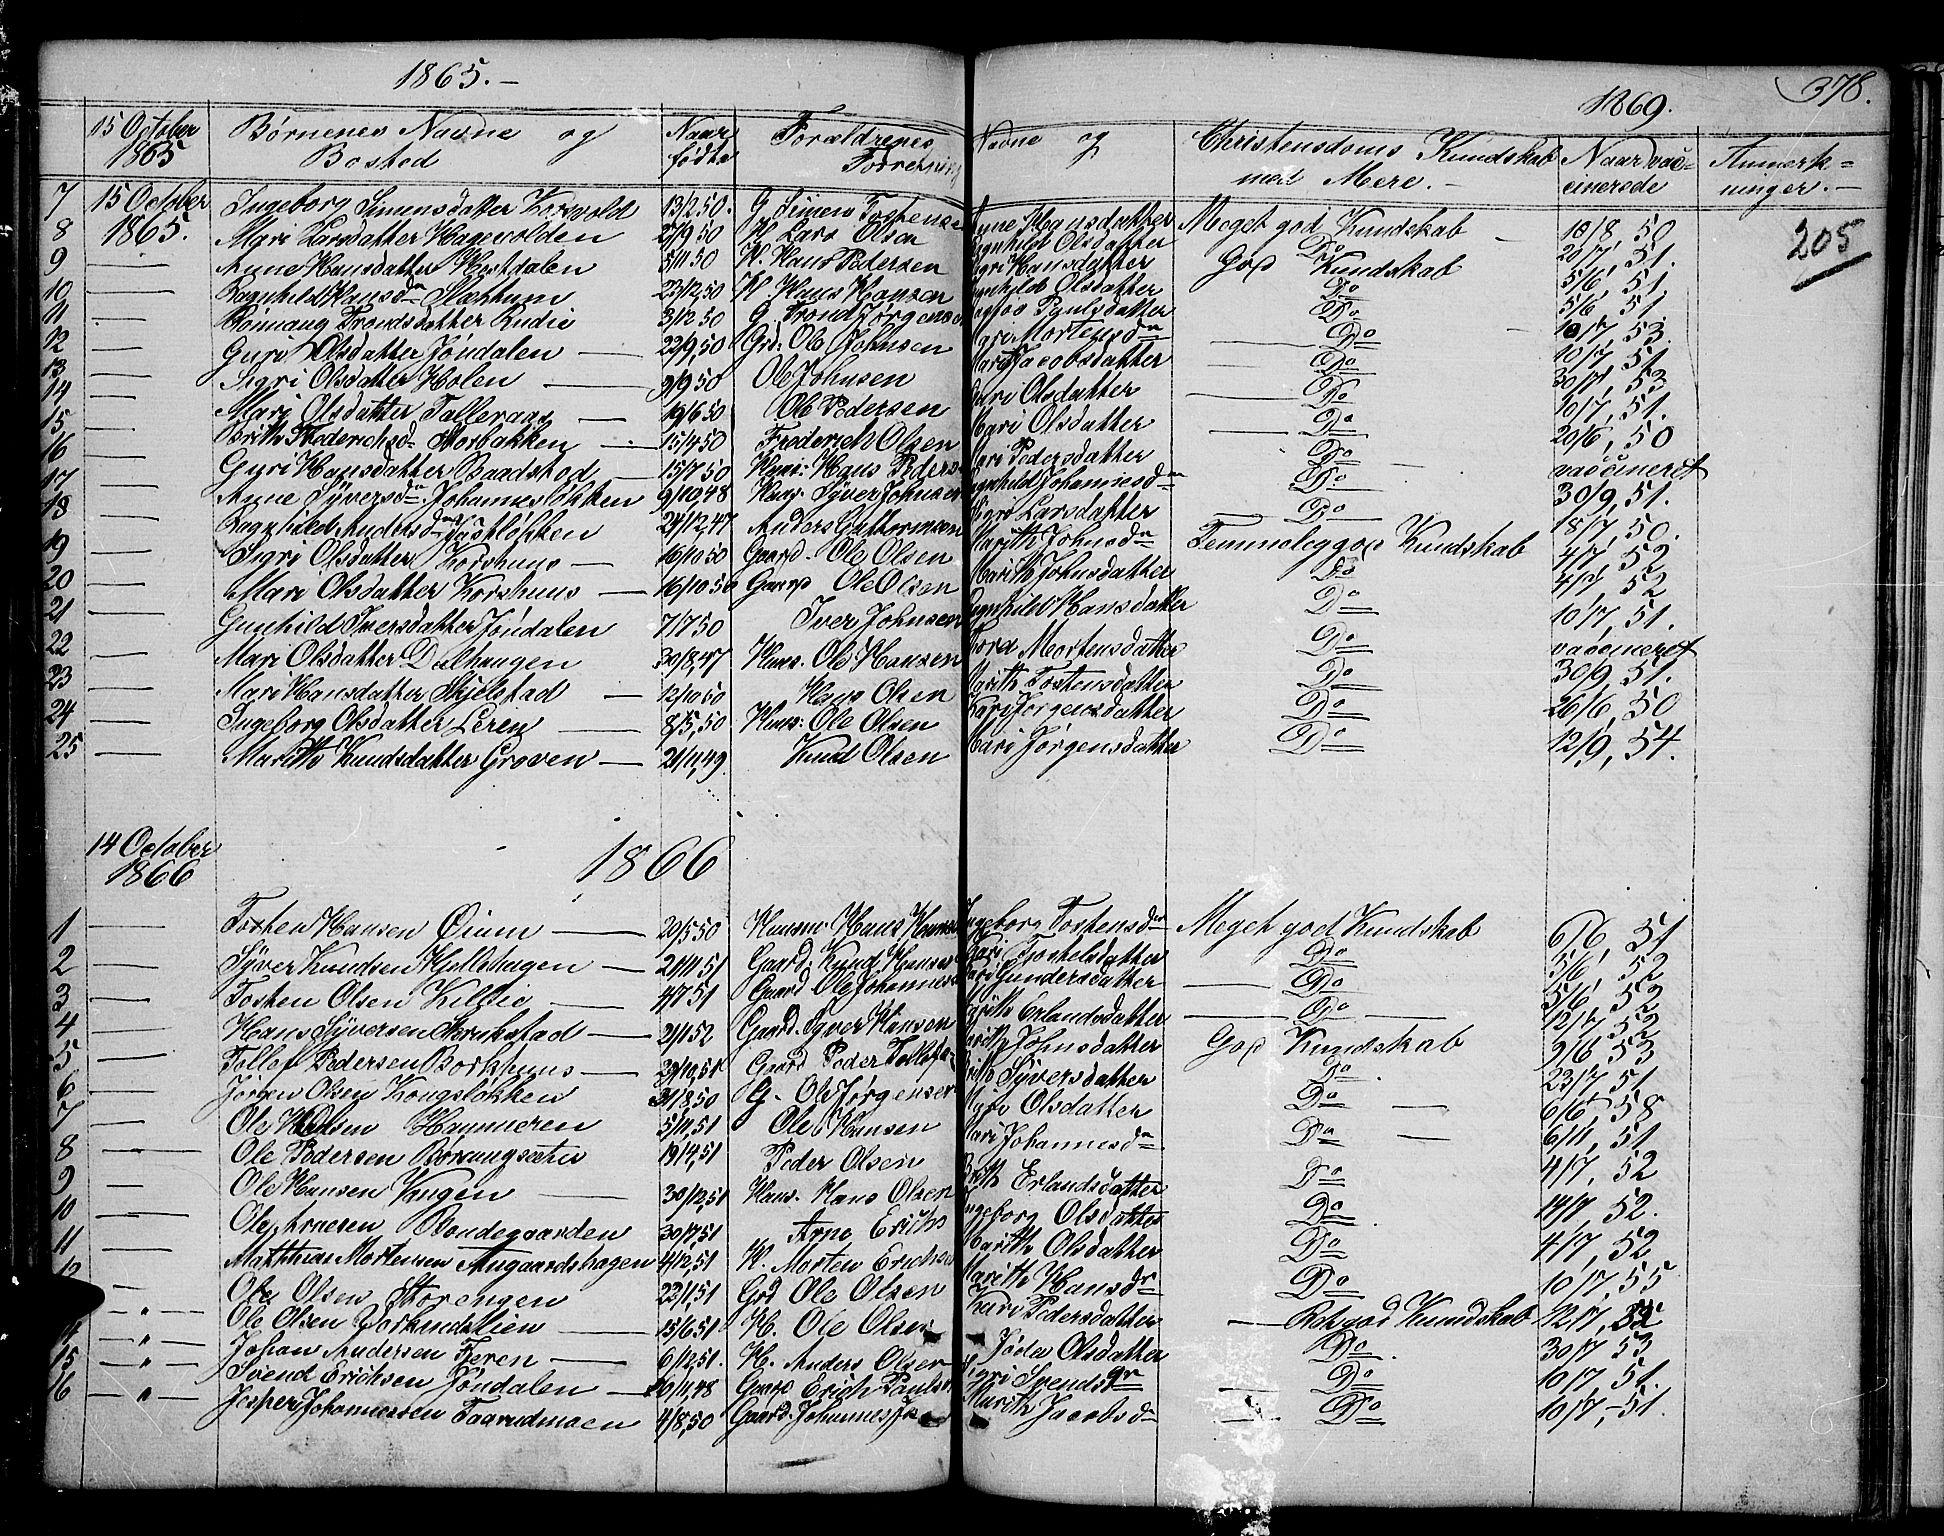 SAH, Dovre prestekontor, Klokkerbok nr. 1, 1862-1880, s. 378